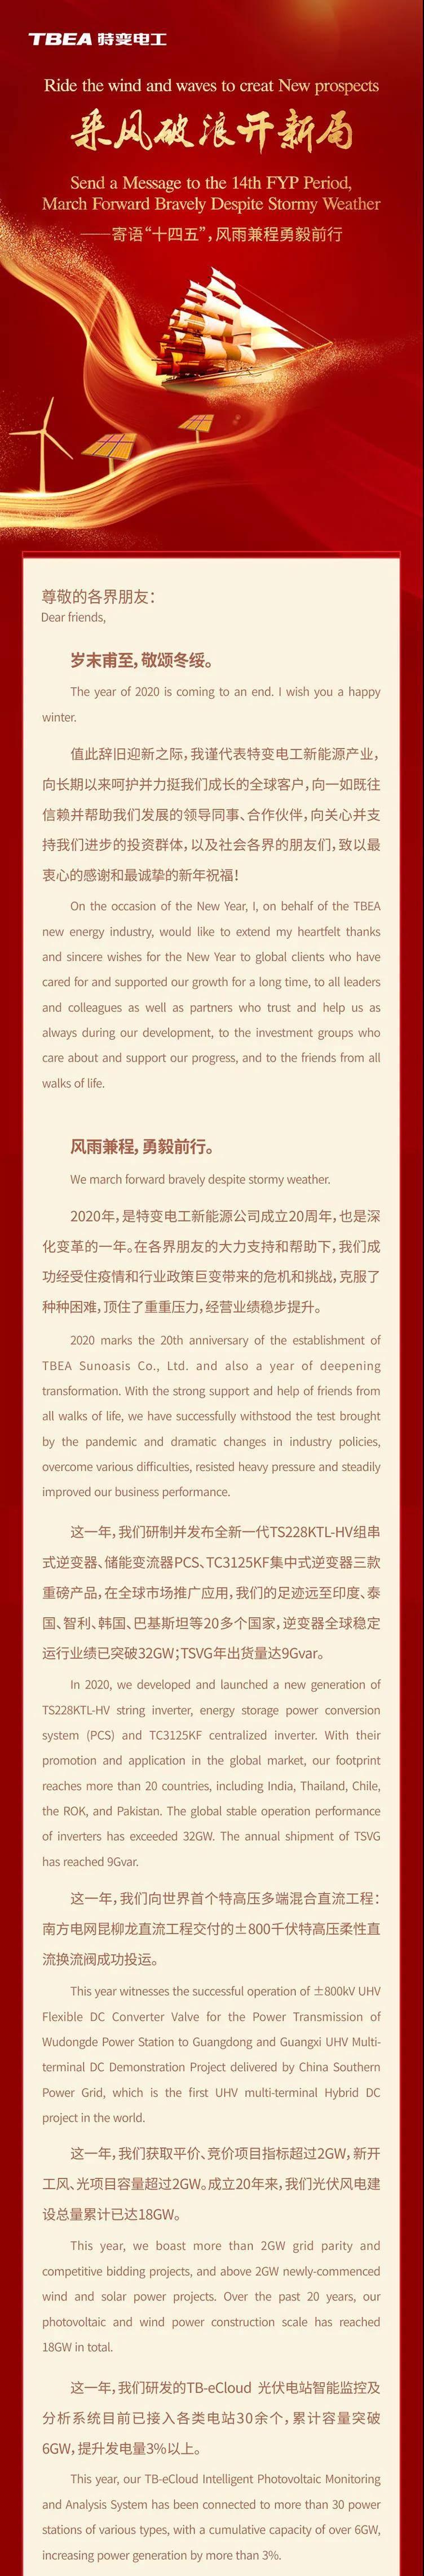 特变电工新能源总经理张建新2021新年致